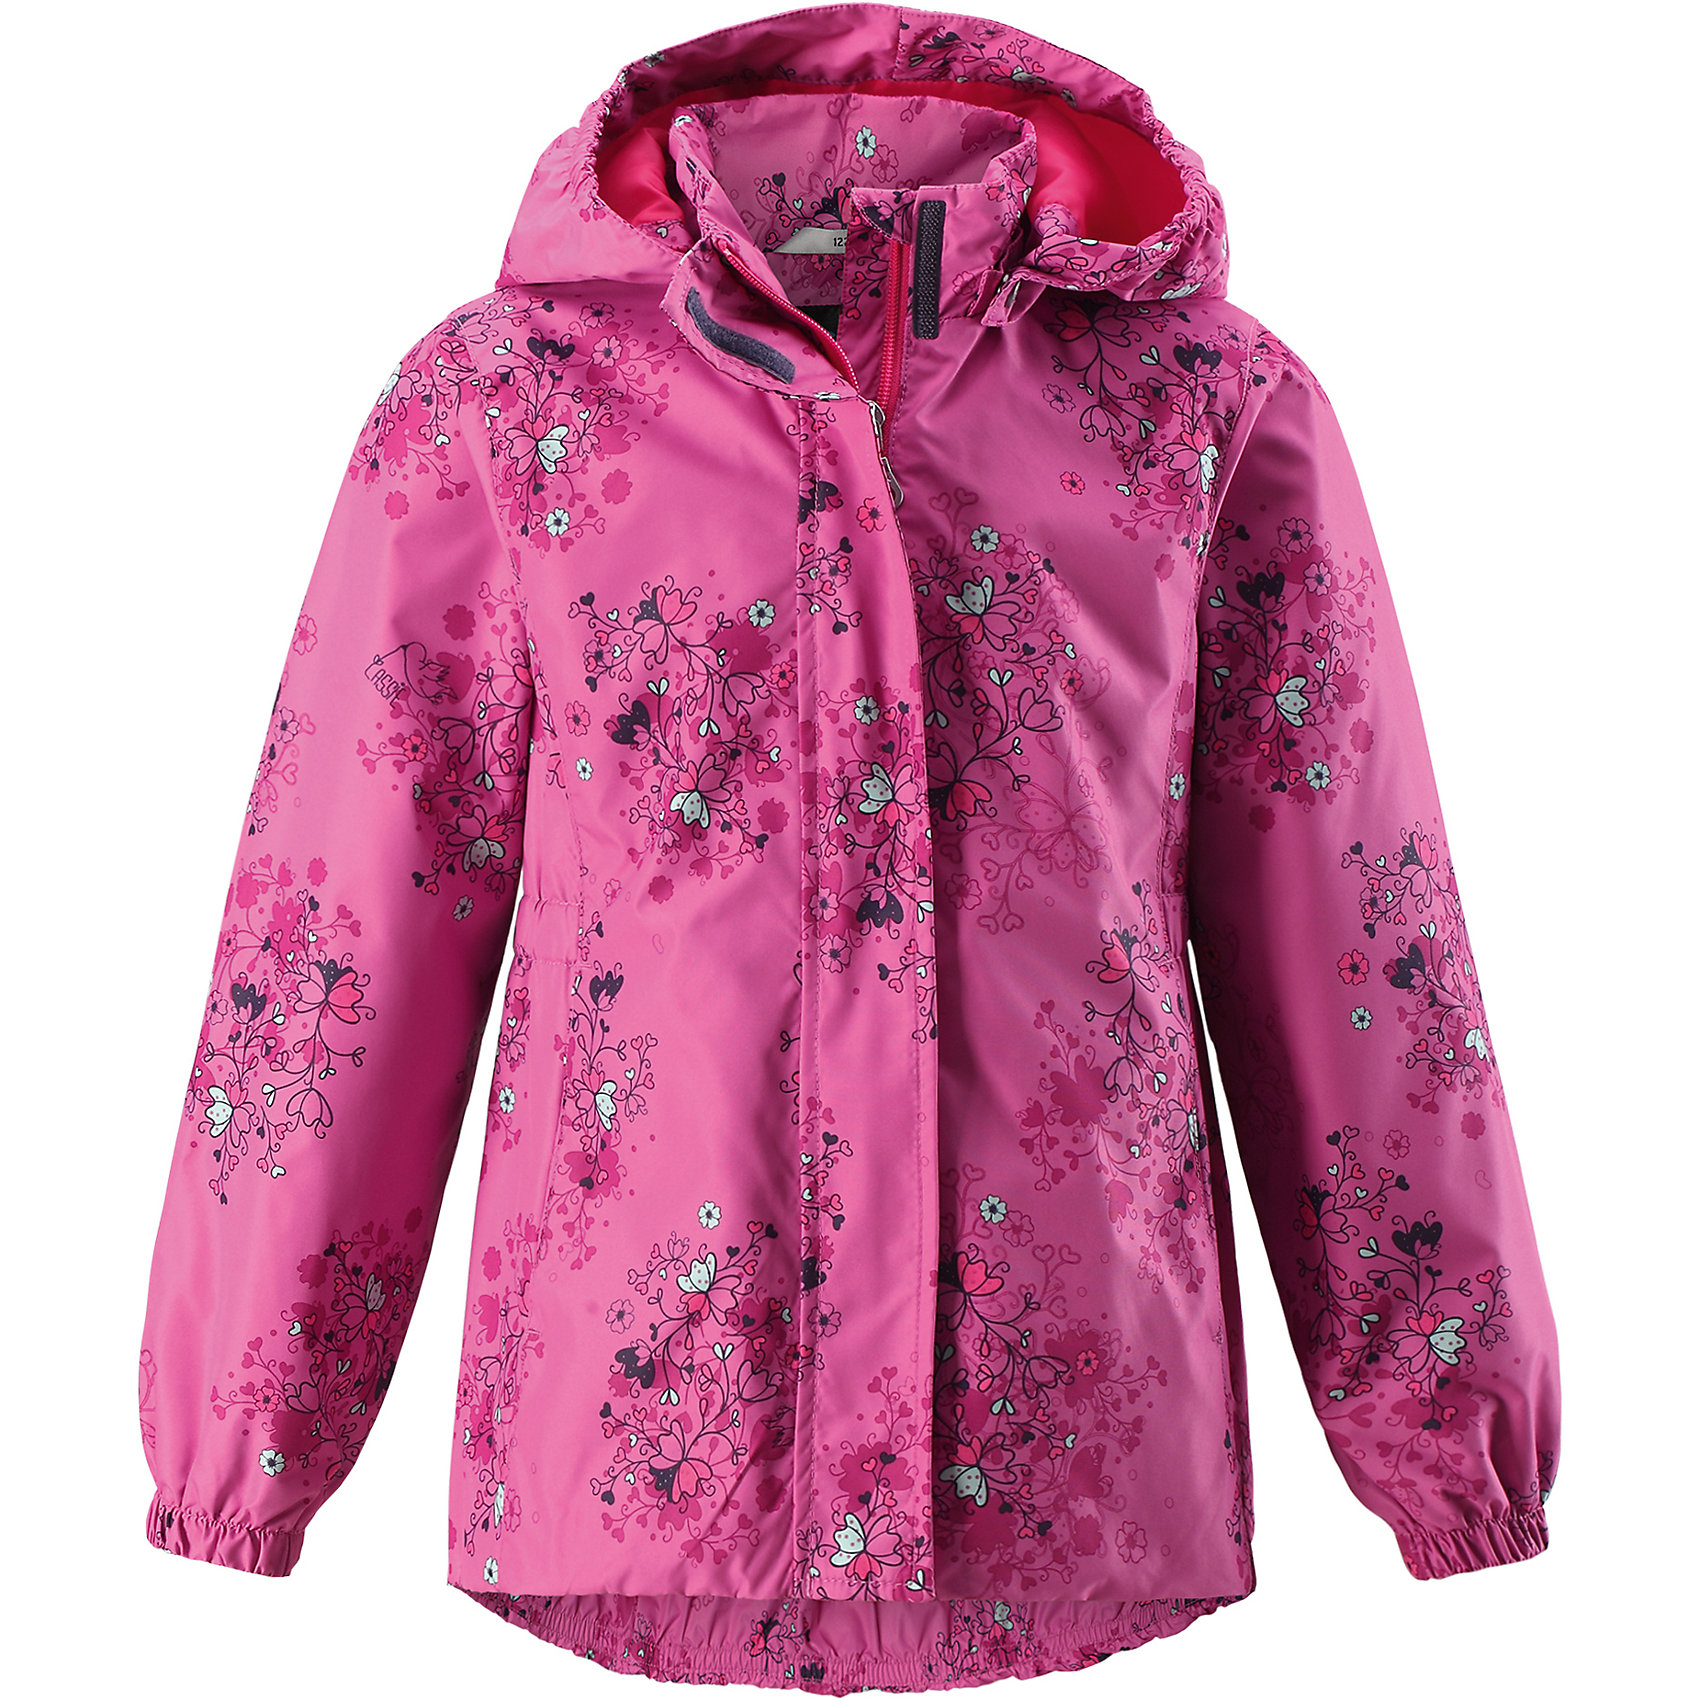 Куртка для девочки LASSIEКурткадля девочки LASSIE<br>Состав:<br>100% Полиэстер, полиуретановое покрытие<br> Куртка для детей<br> Водоотталкивающий, ветронепроницаемый и «дышащий» материал<br> Крой для девочек<br> Подкладка из mesh-сетки<br> Безопасный, съемный капюшон<br> Эластичные манжеты<br> Эластичная талия<br> Эластичная кромка подола<br> Карманы в боковых швах<br><br>Ширина мм: 356<br>Глубина мм: 10<br>Высота мм: 245<br>Вес г: 519<br>Цвет: розовый<br>Возраст от месяцев: 132<br>Возраст до месяцев: 144<br>Пол: Женский<br>Возраст: Детский<br>Размер: 134,122,110,140,92,98,104,116,128<br>SKU: 5264545